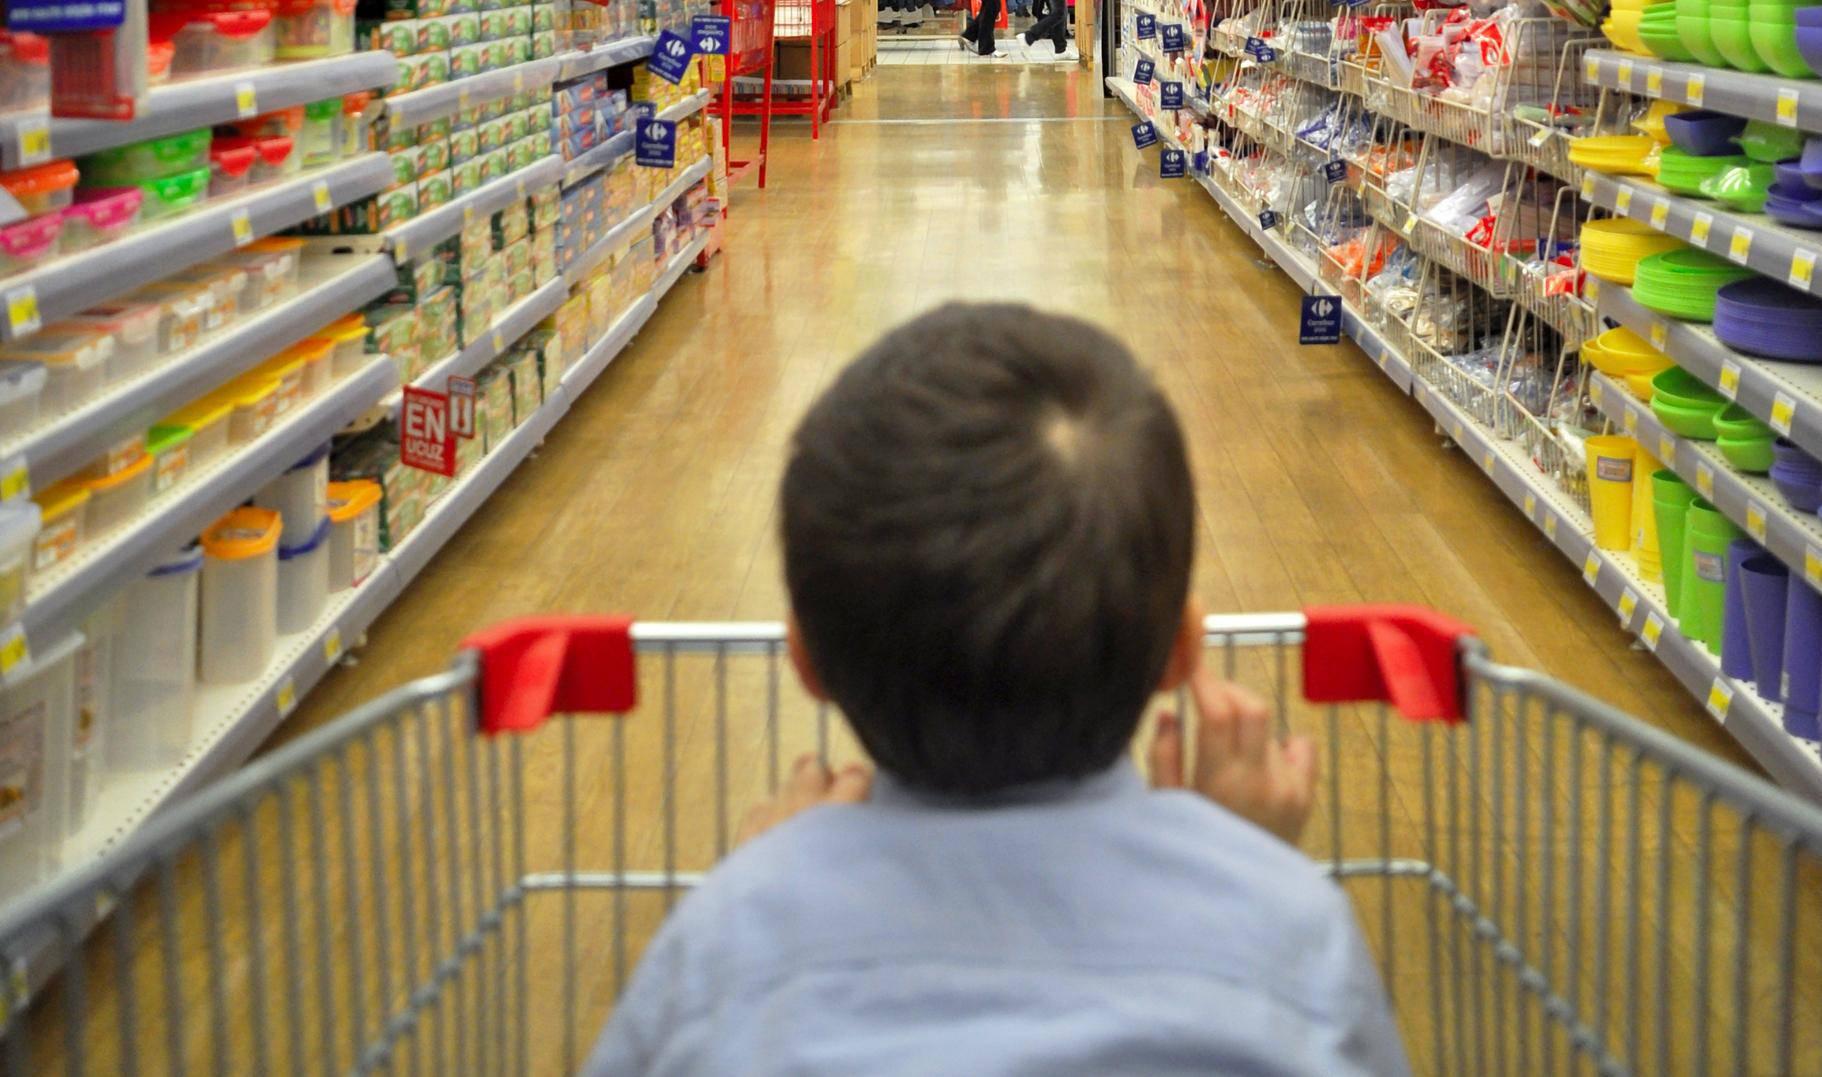 Izbjegnite trgovačke zamke, kupite potrebno  i uštedite kune